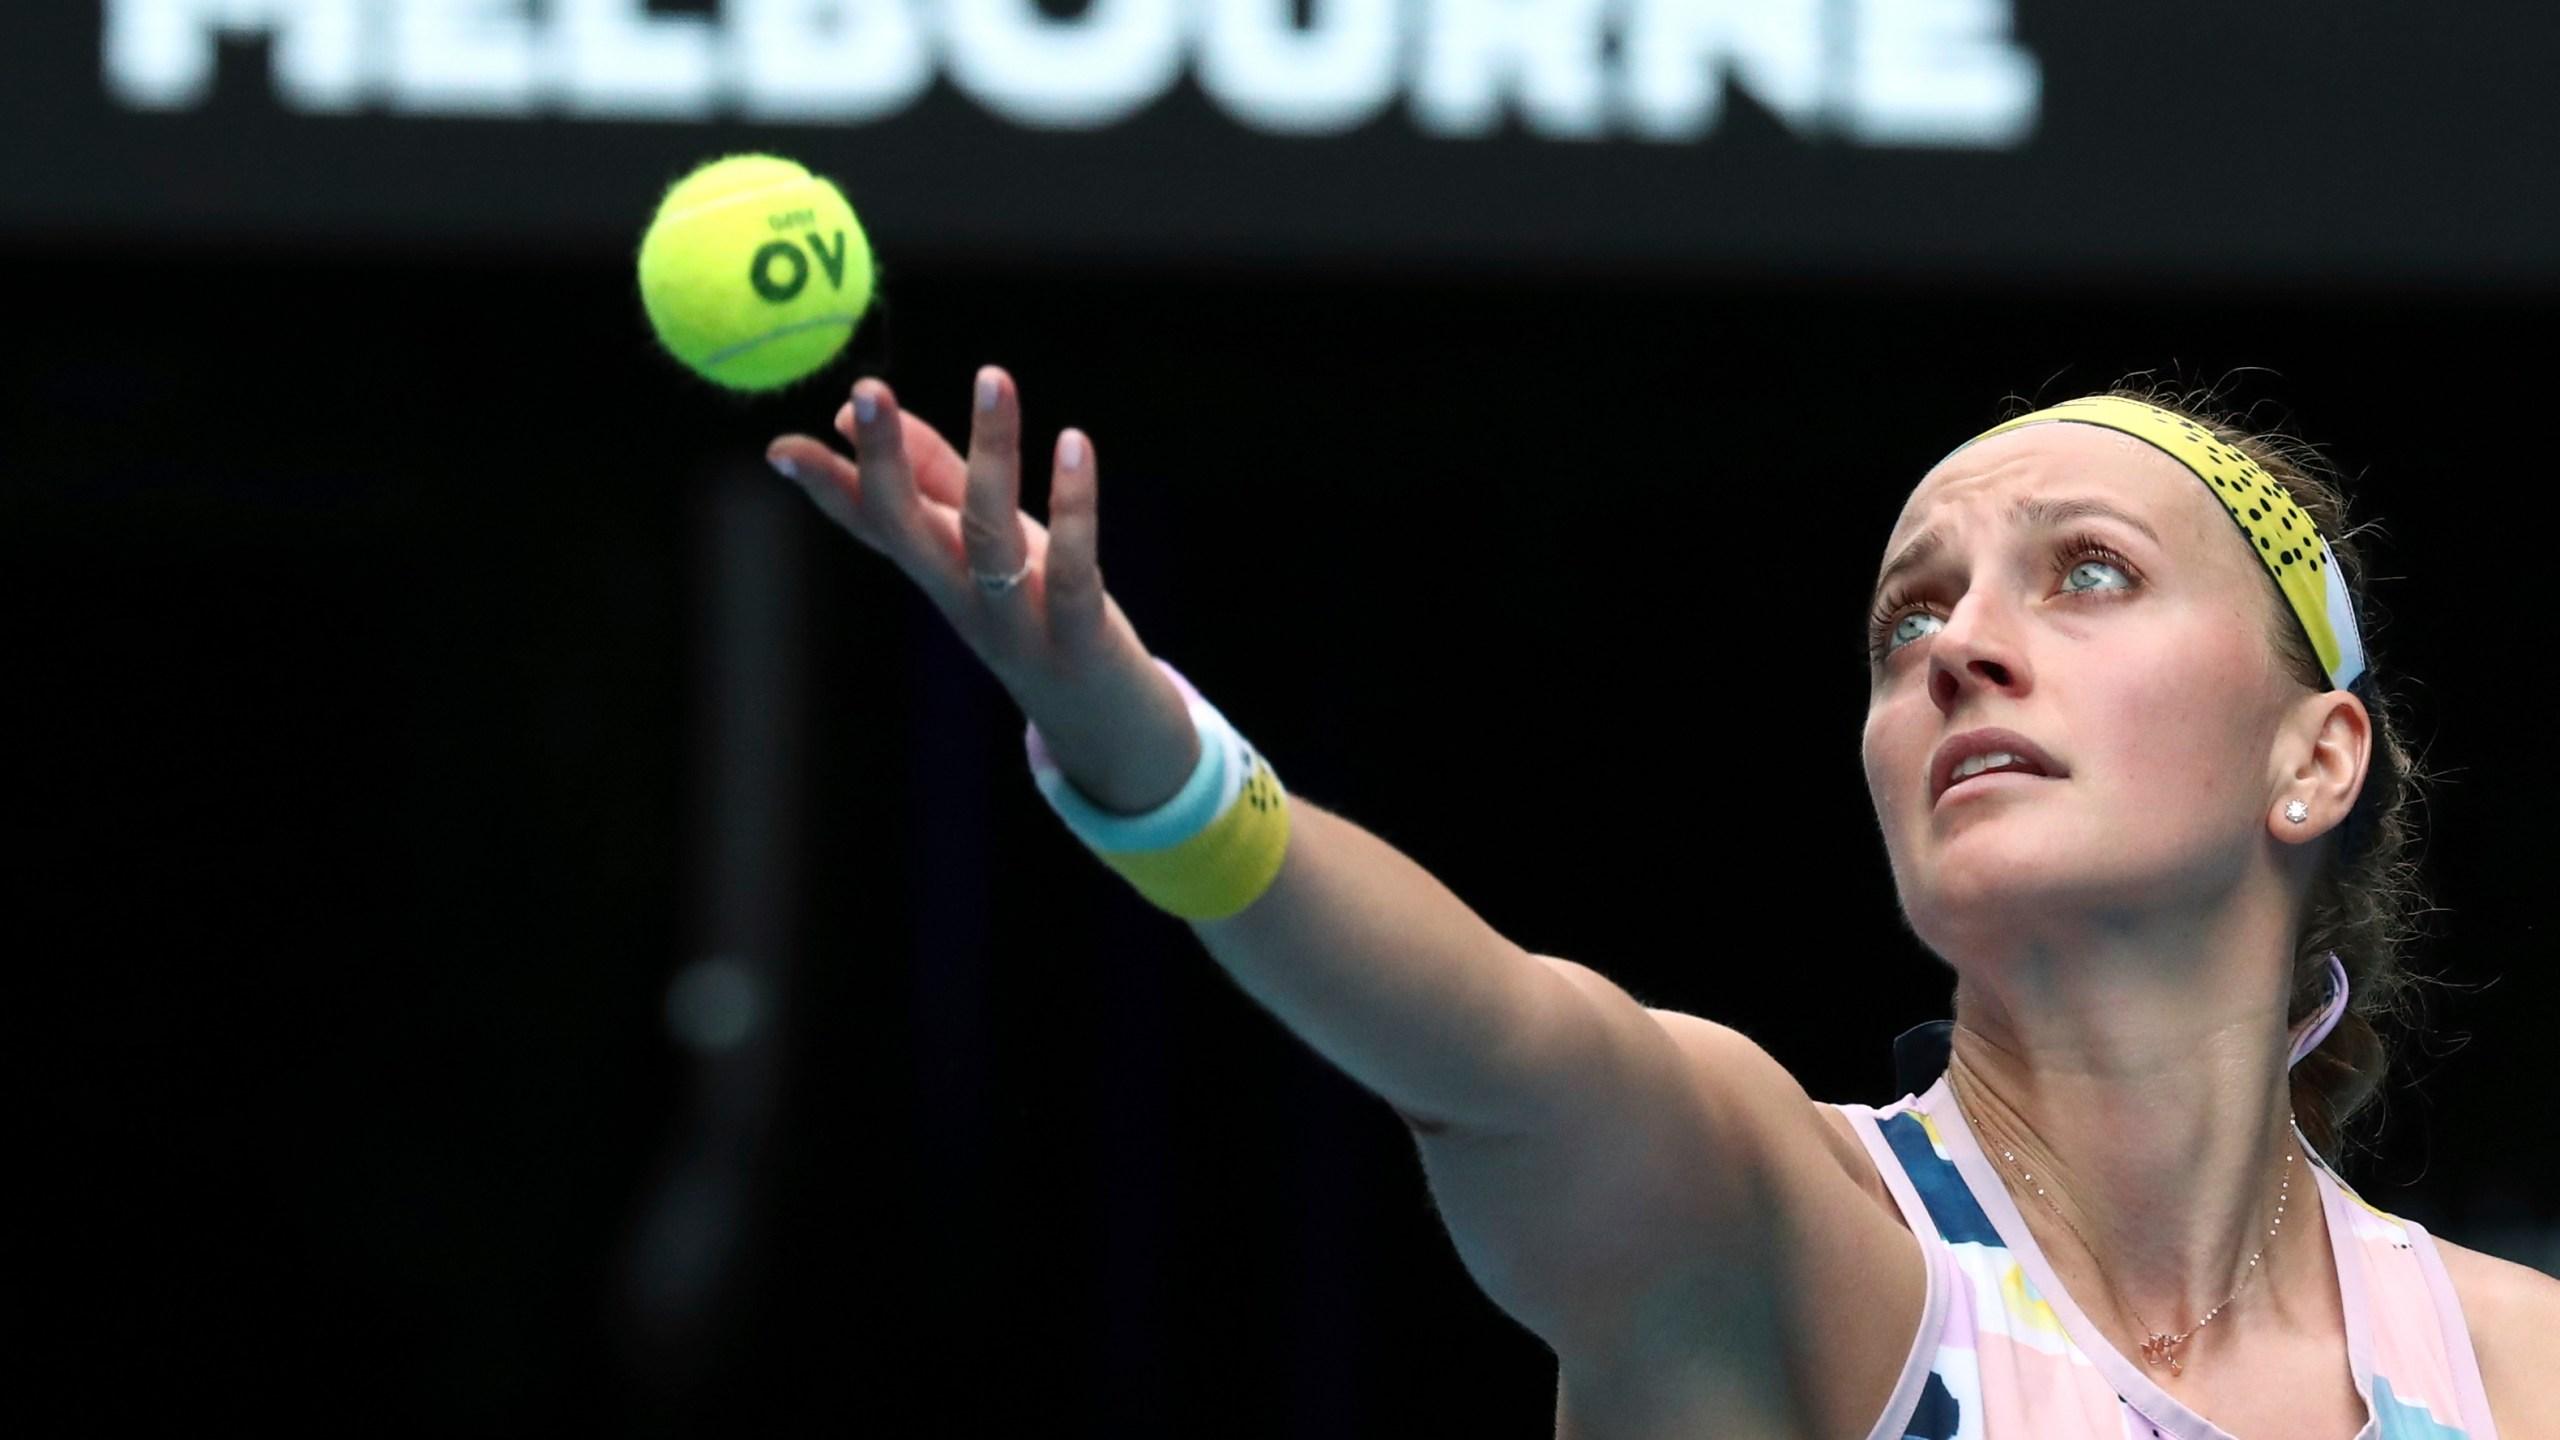 Champ Osaka Runner Up Kvitova Into 3rd Round In Australia